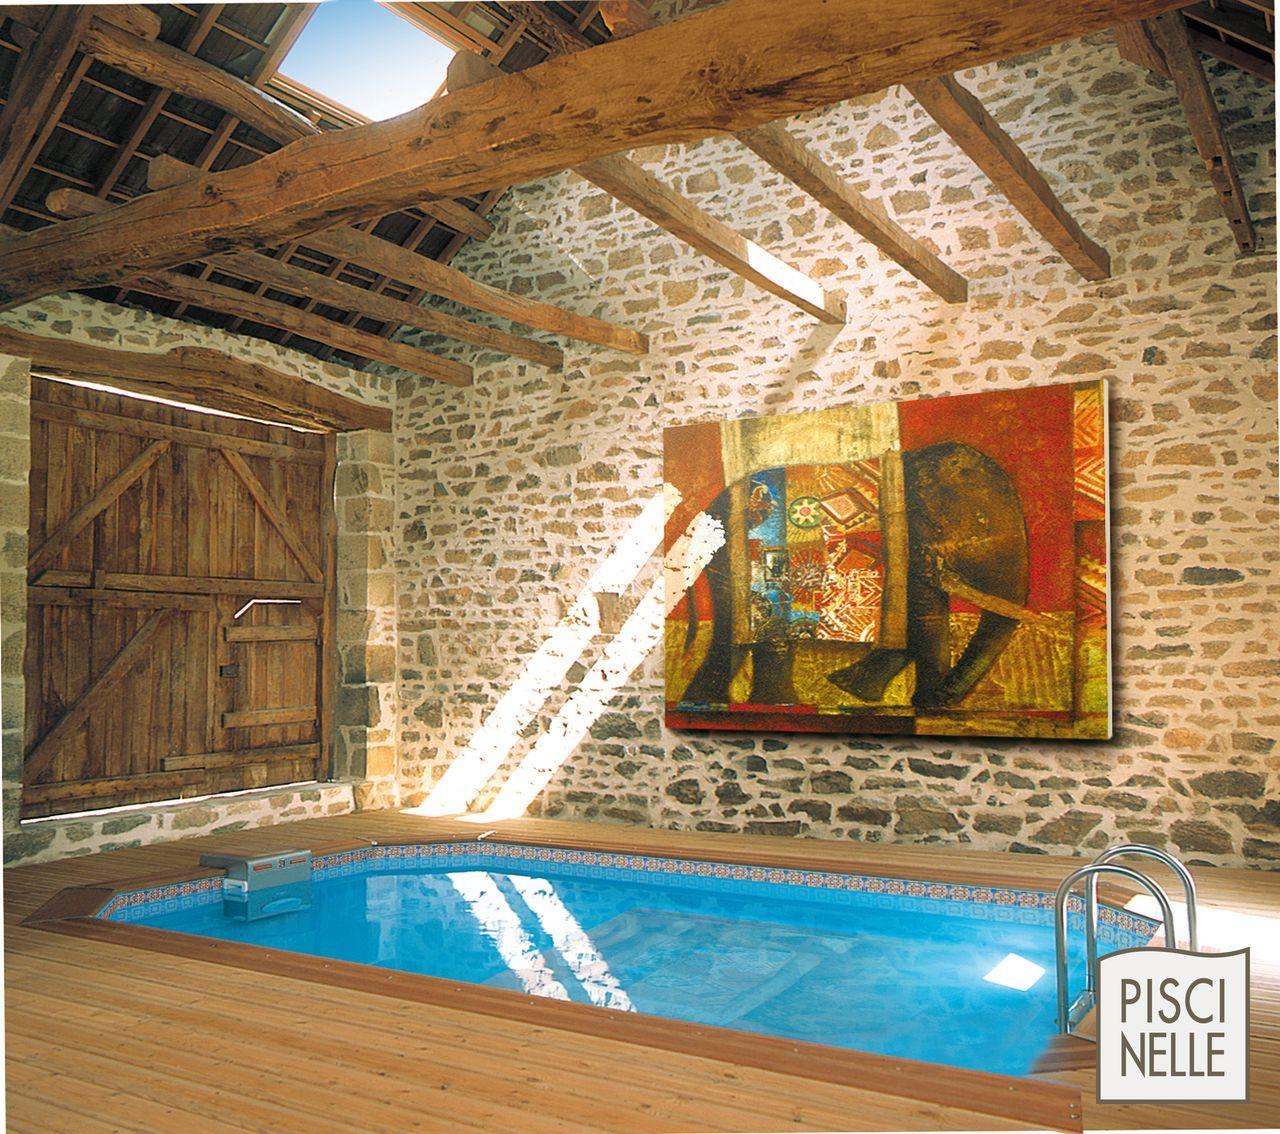 piscine int rieure piscine l 39 int rieur de la maison piscinelle pool pinterest. Black Bedroom Furniture Sets. Home Design Ideas